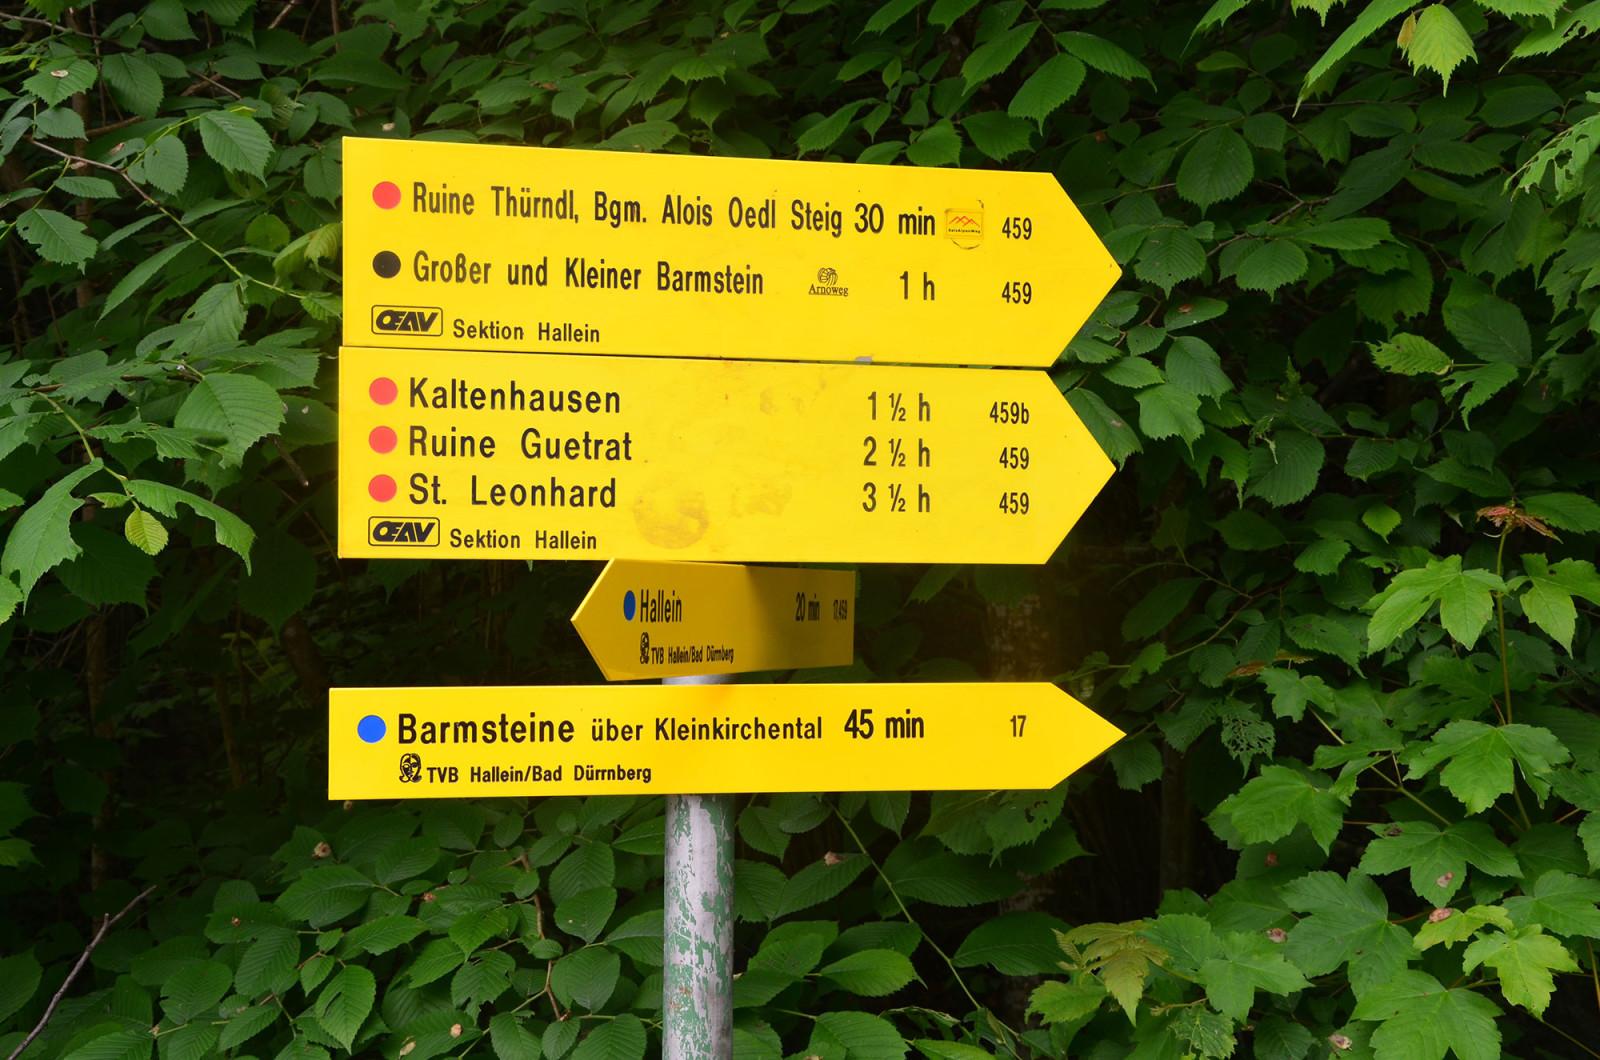 Die Wegweiser weisen den Weg zur Ruine Thürndl.